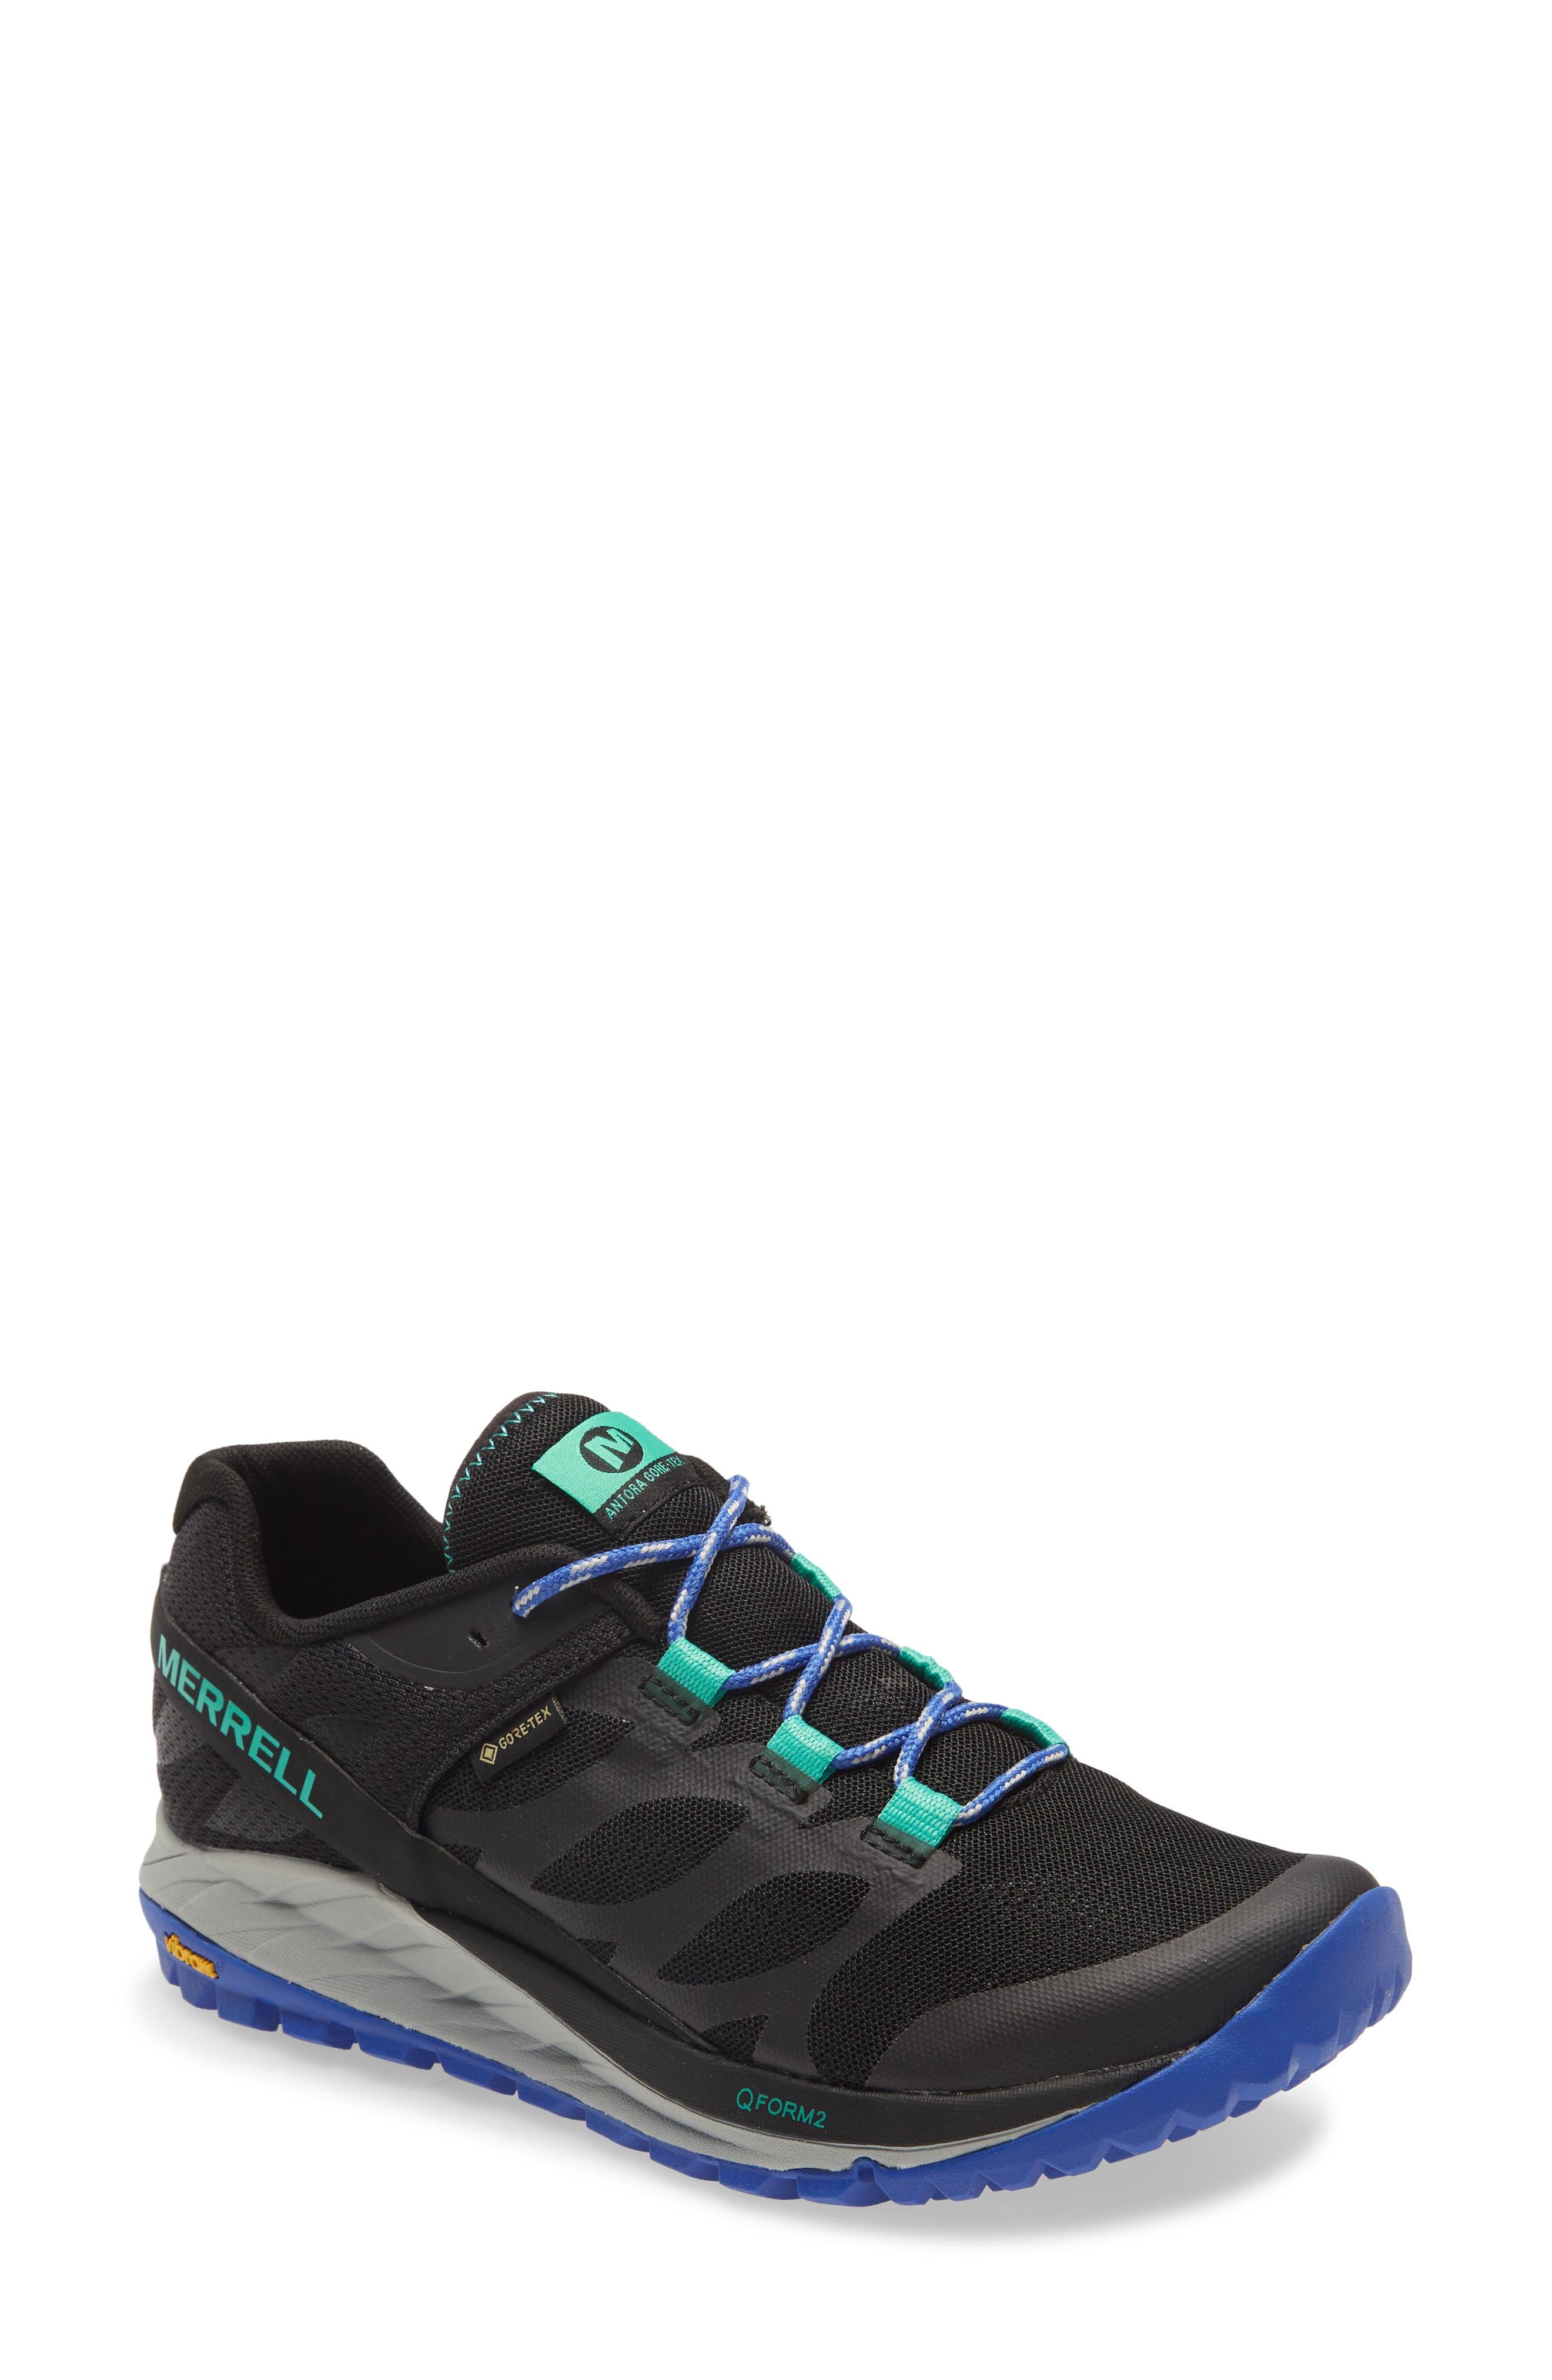 Antora Gtx Trail Running Shoe